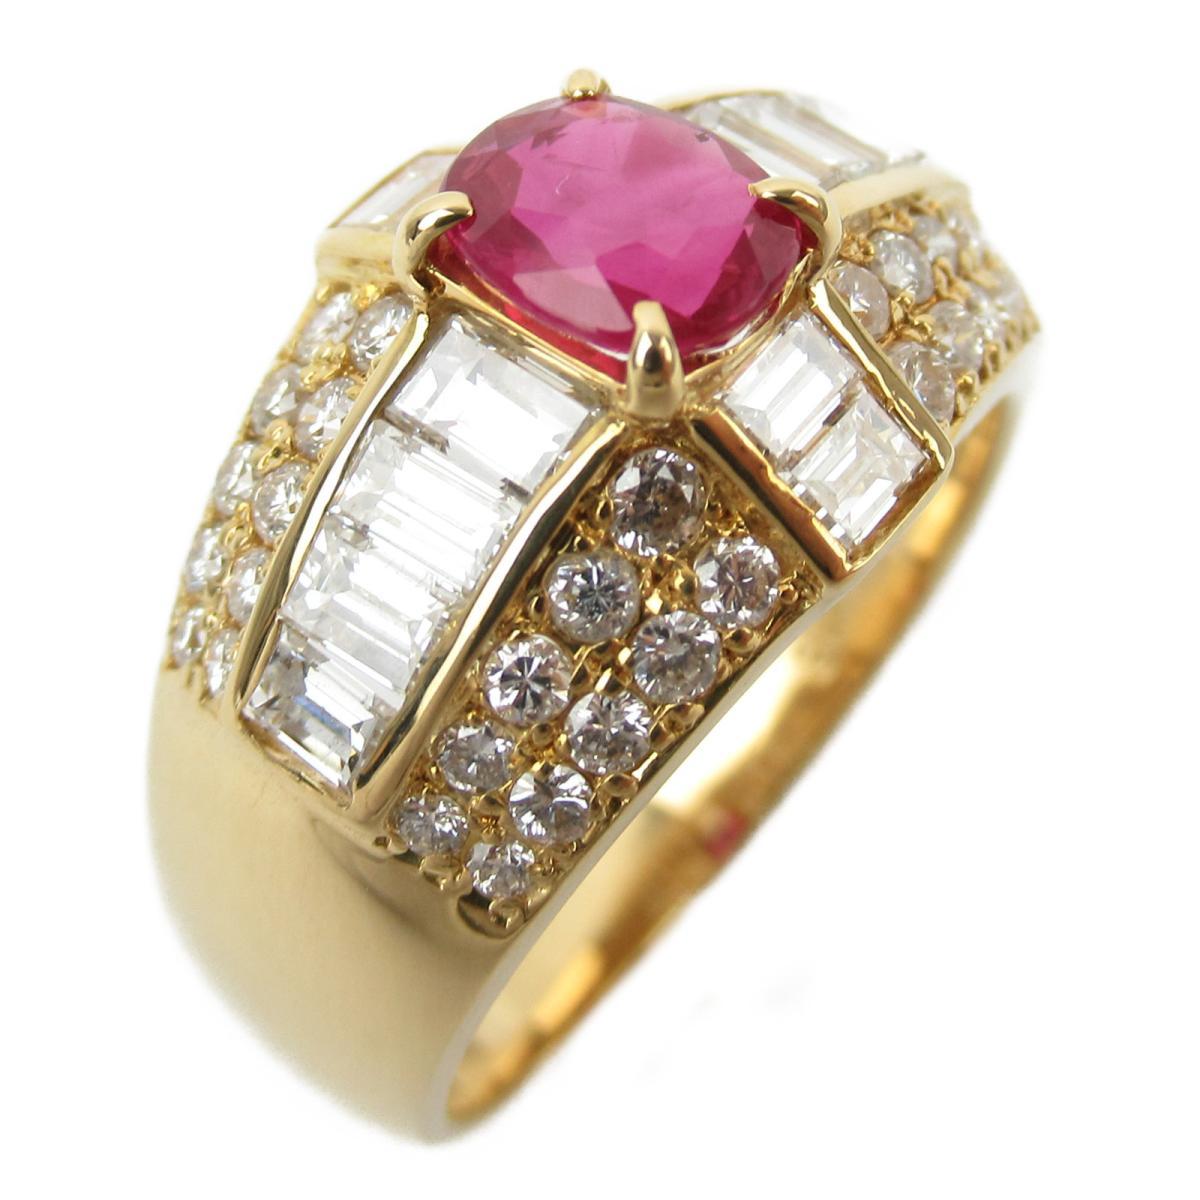 ジュエリー ルビーダイヤモンド リング 指輪 ノーブランドジュエリー レディース K18YG (750) イエローゴールド x ダイヤモンド ルビー/1.35/0.67ct 【中古】 | JEWELRY BRANDOFF ブランドオフ アクセサリー